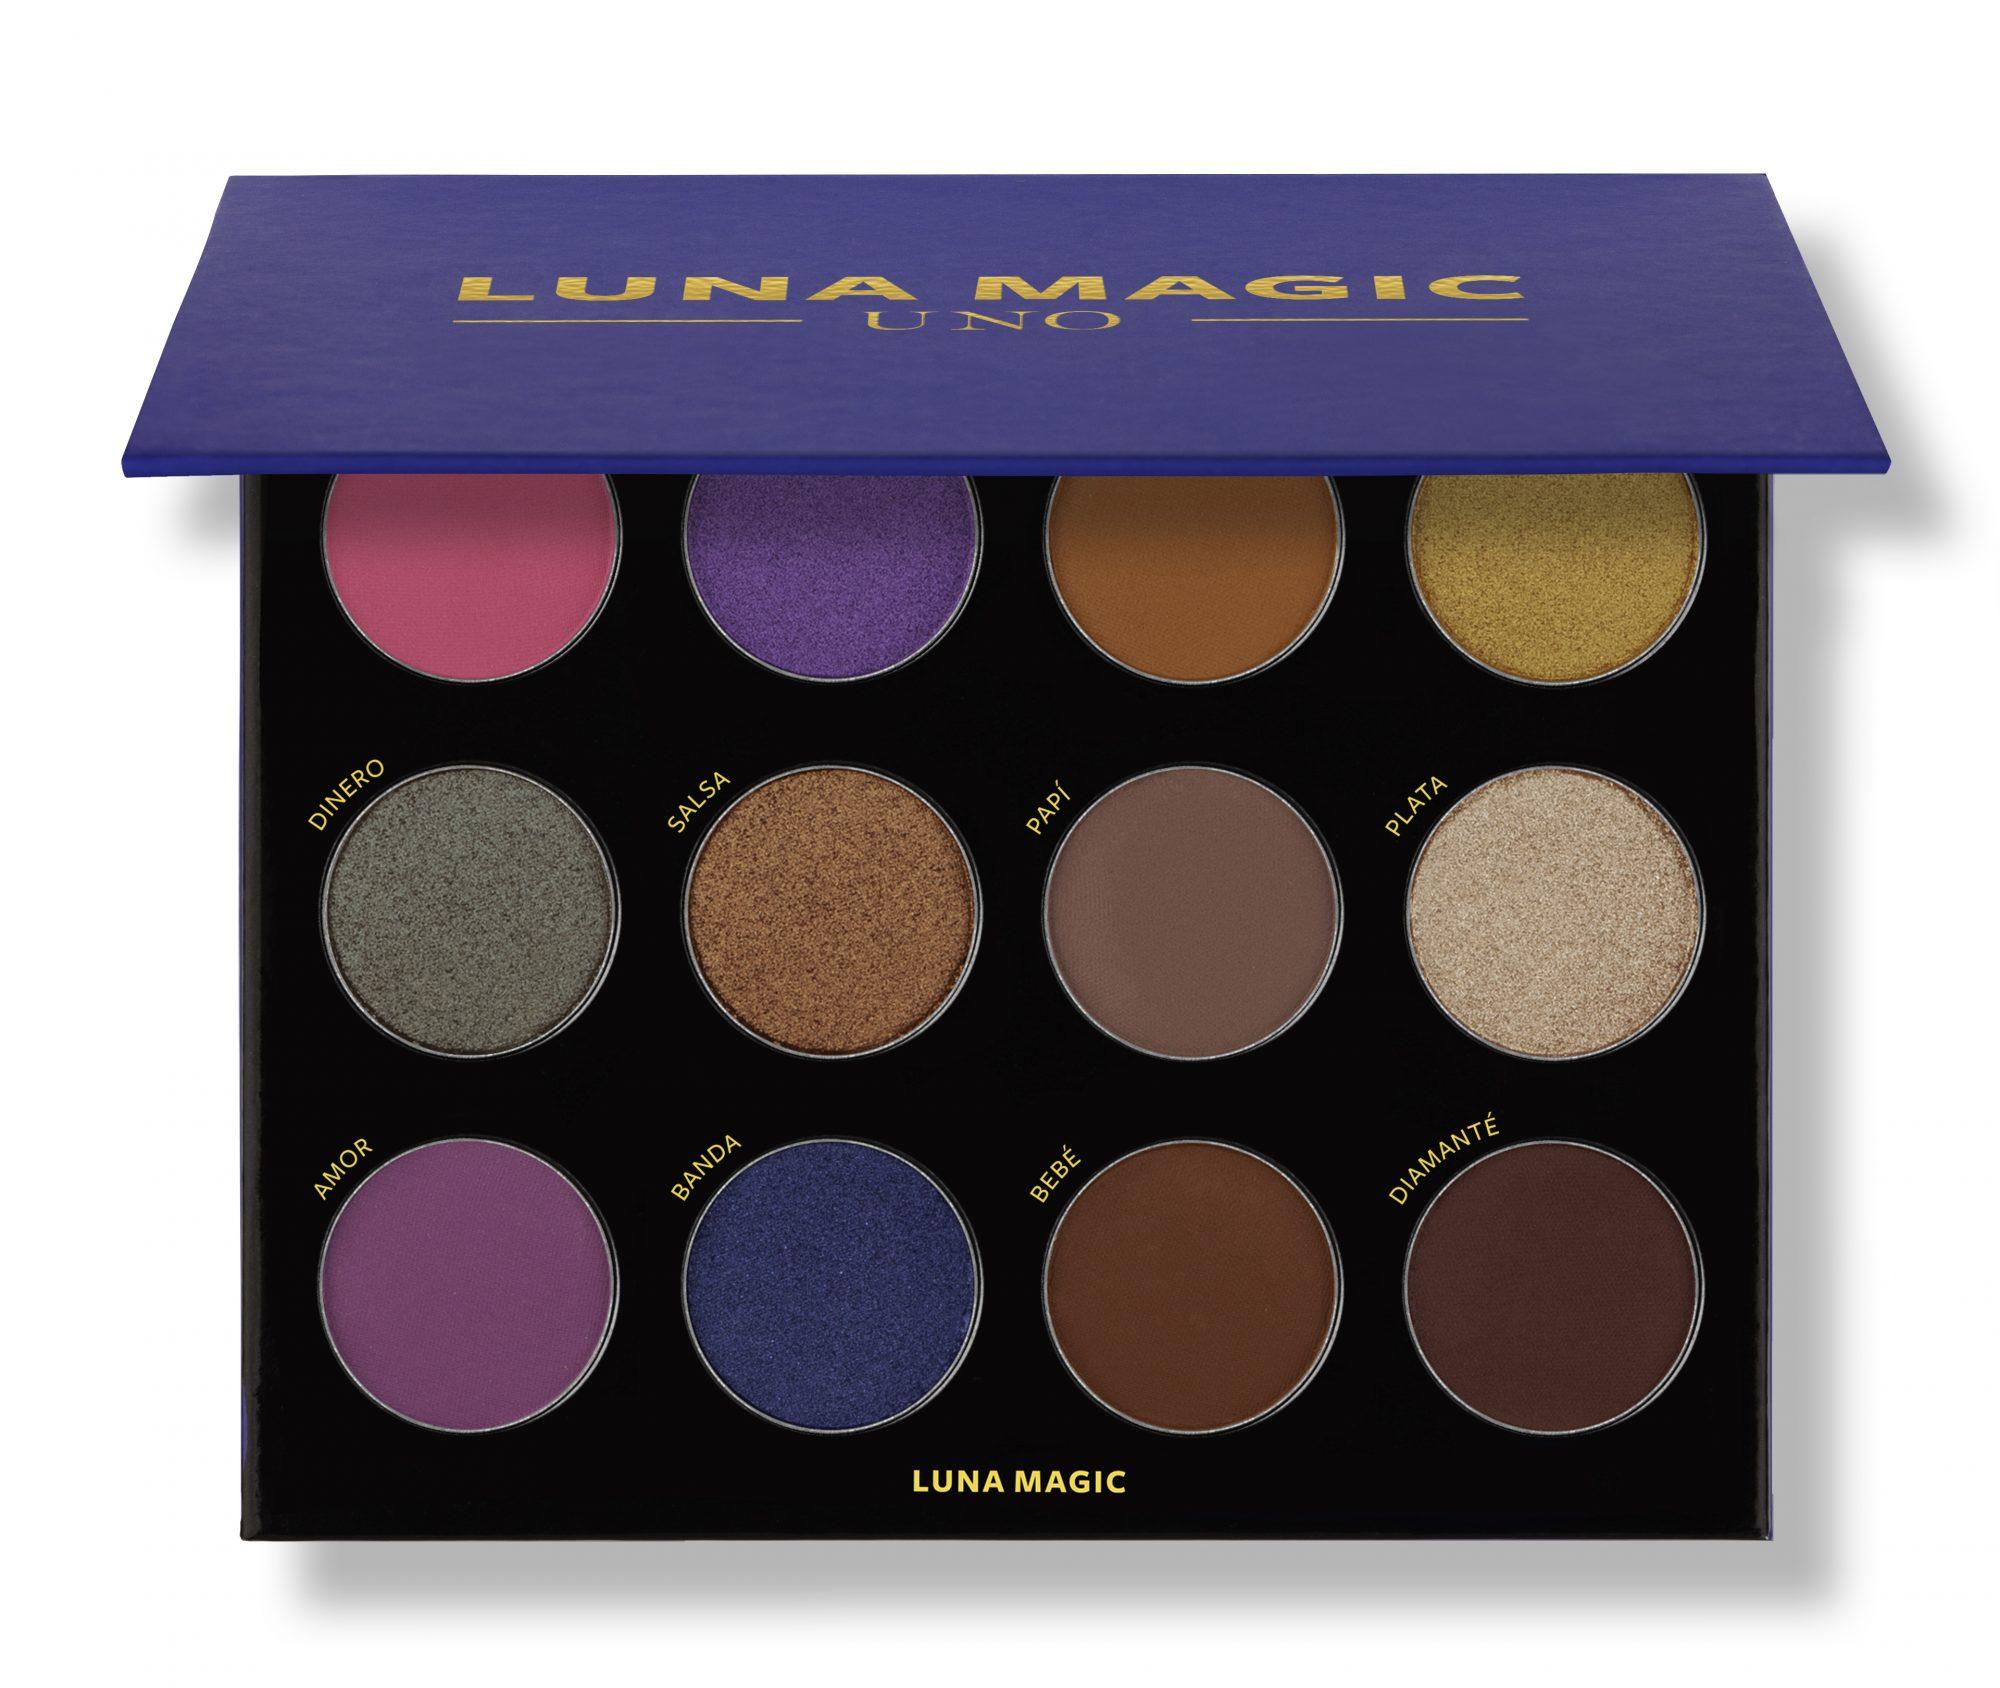 luna-magice284a2-uno_shadow_palette_half_open.jpg